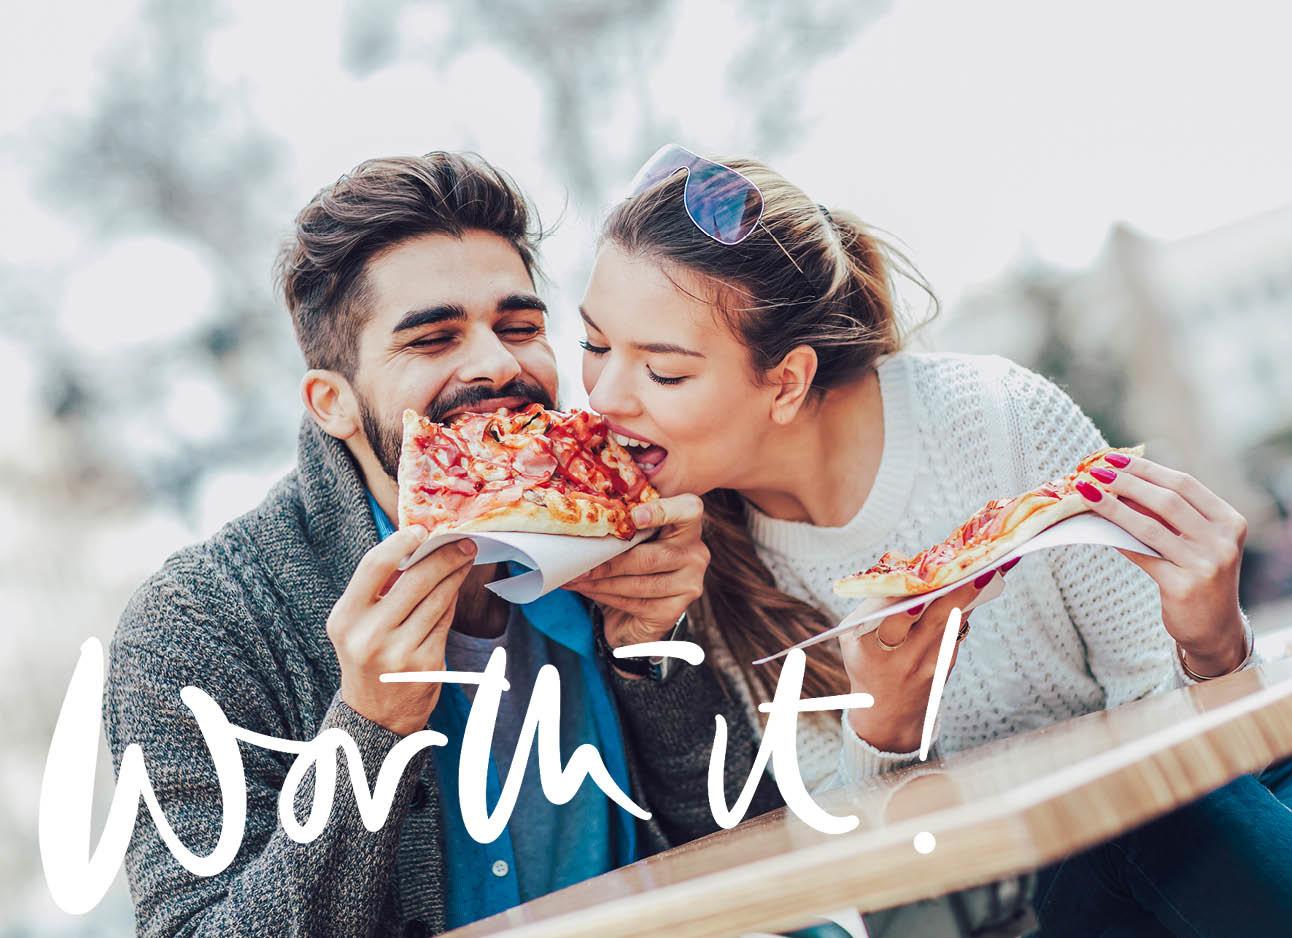 stelletje eet samen van een pizzapunt